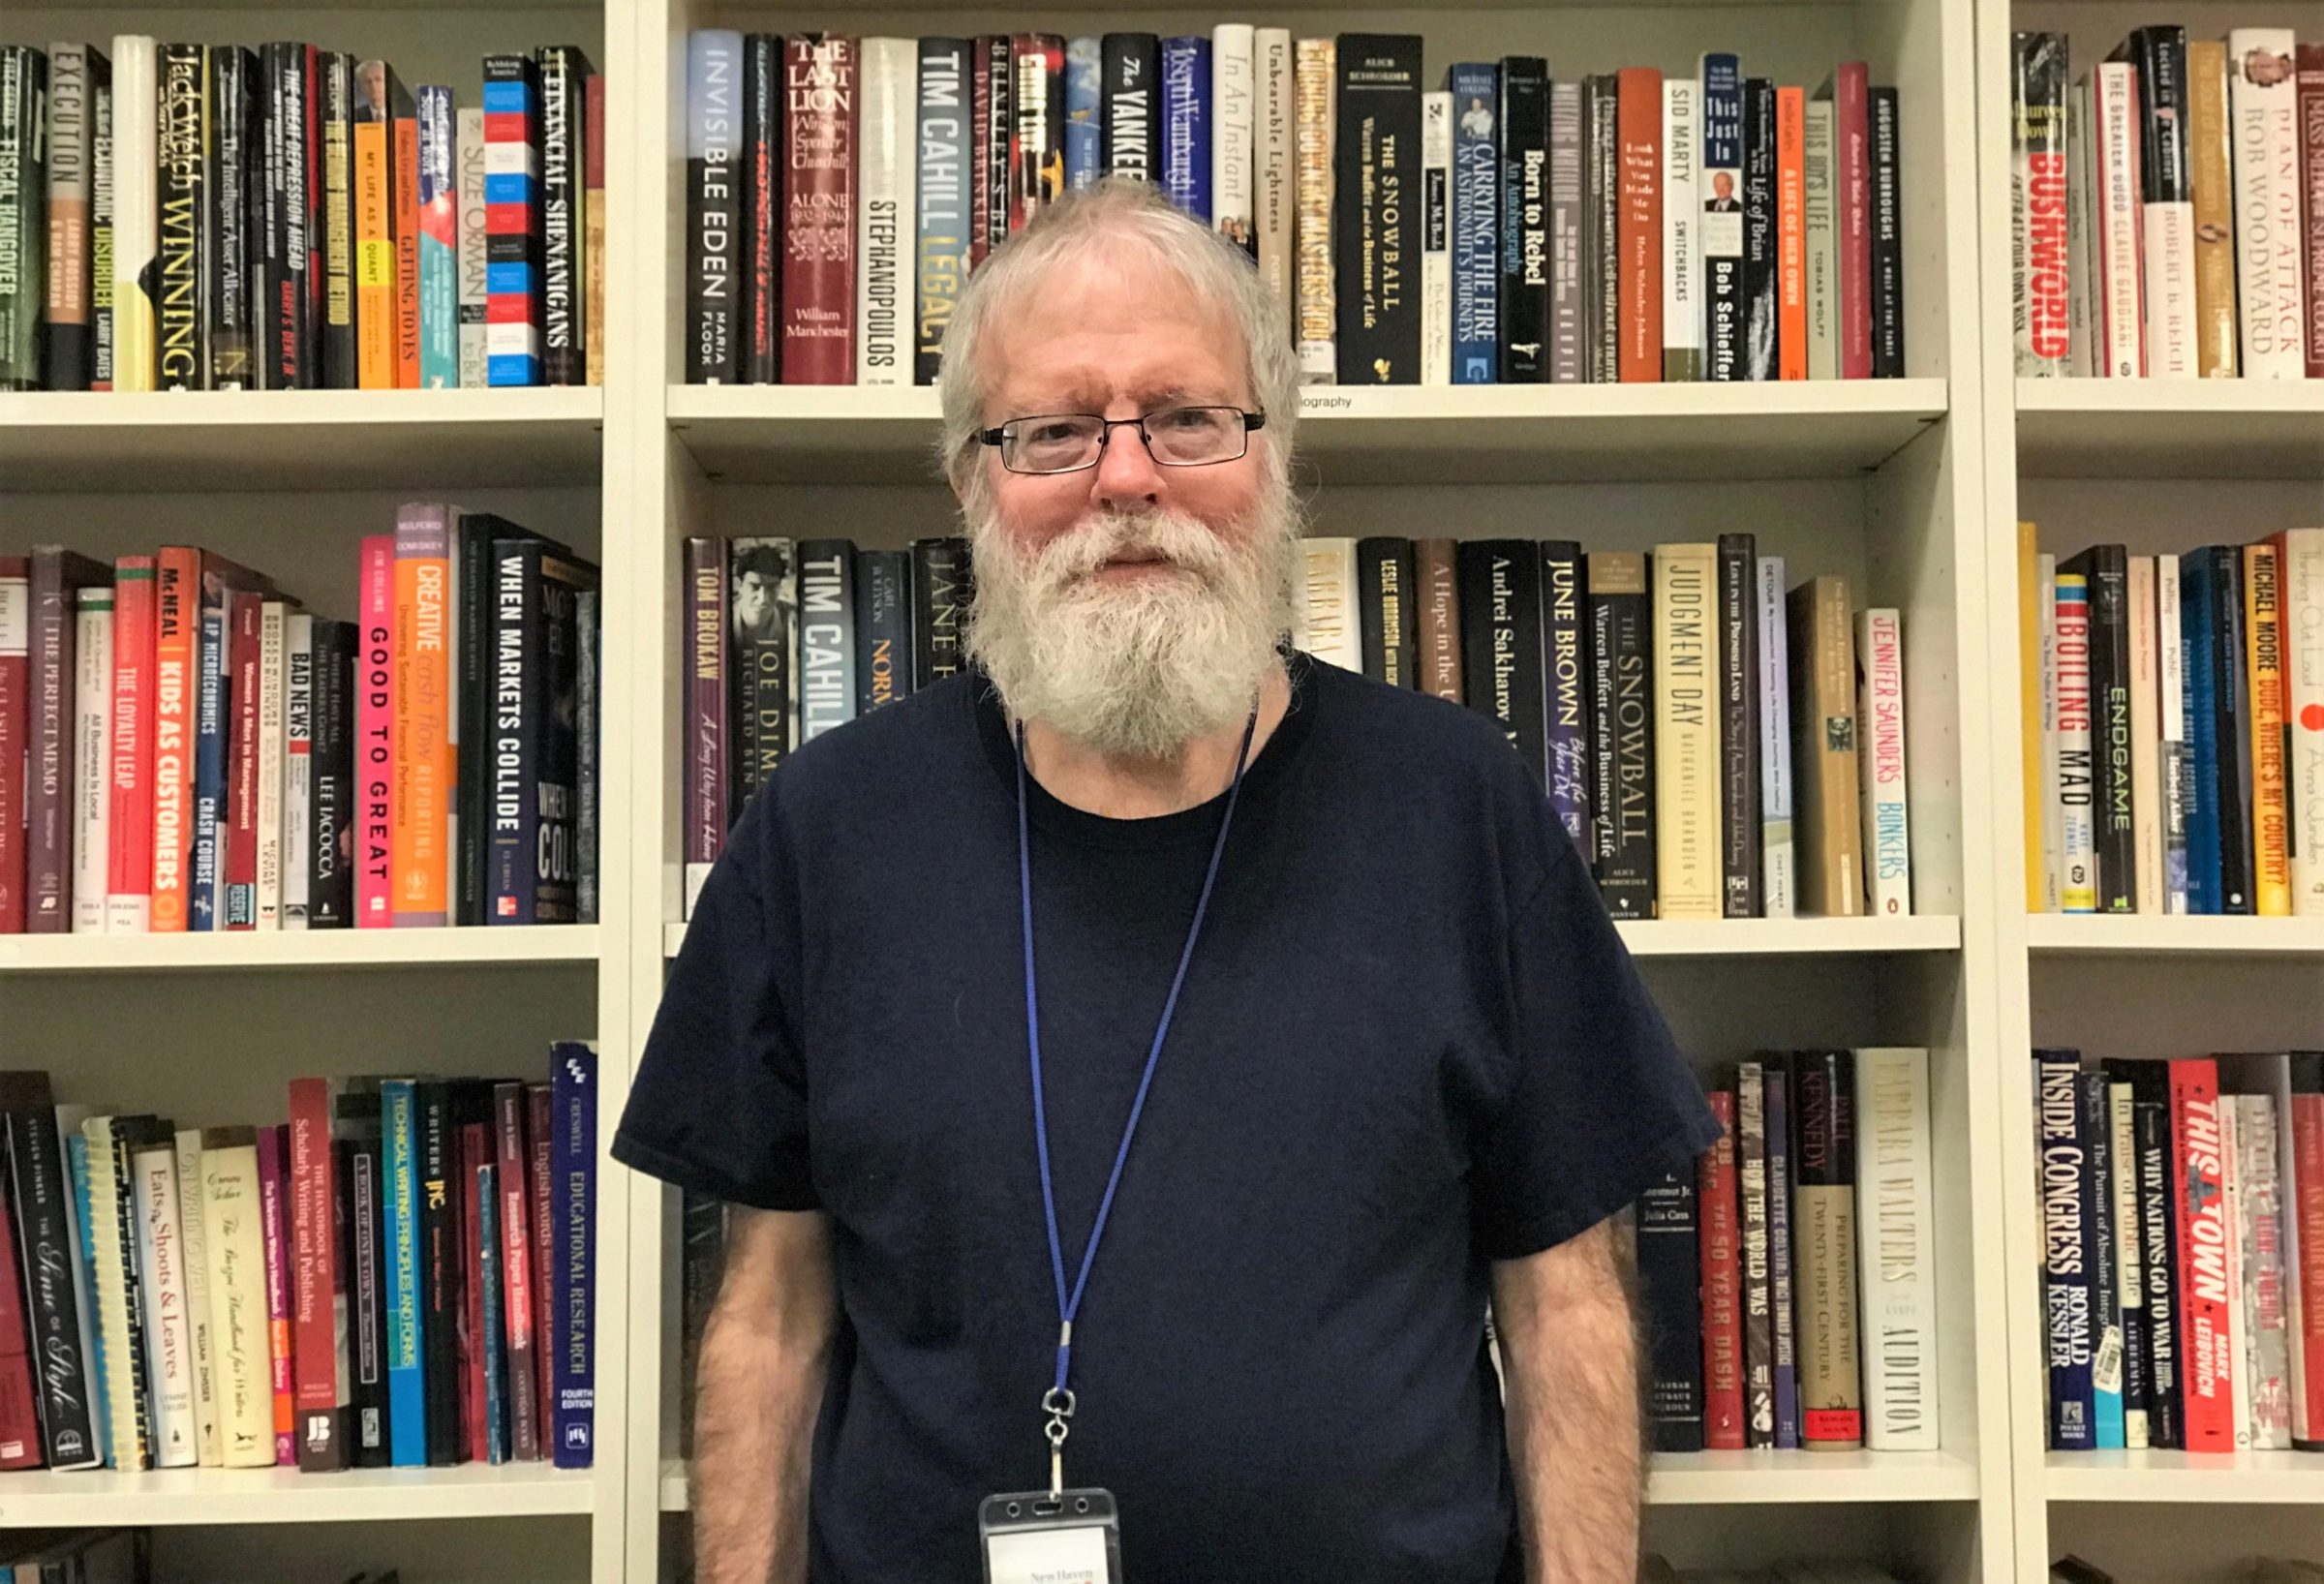 Mike O'Brien, NHR volunteer